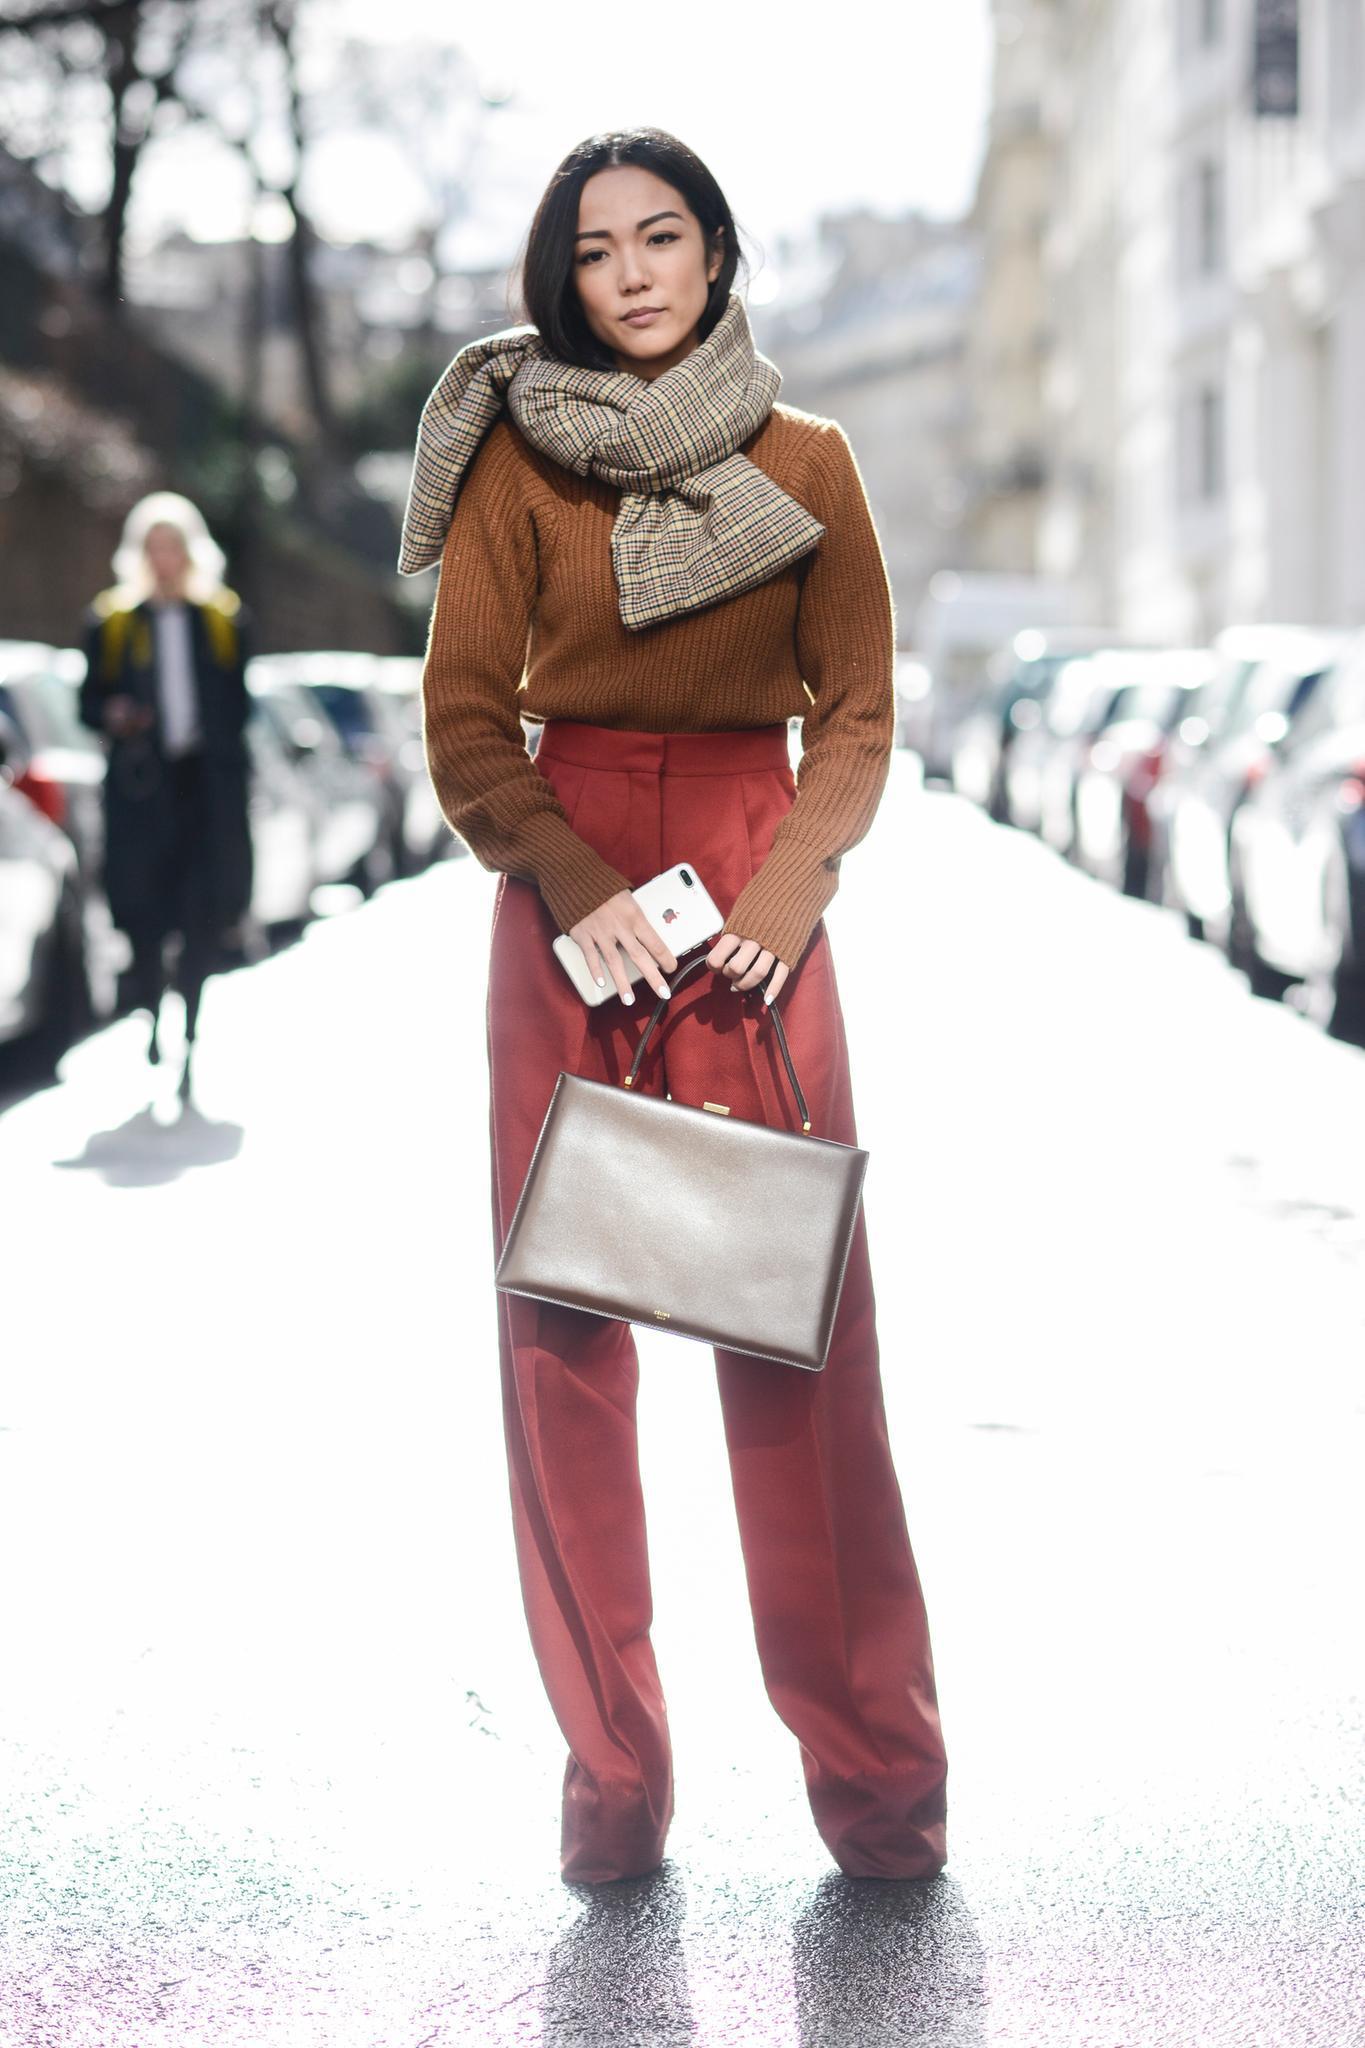 Bloggerin trägt Marlenehose und karierten Schal